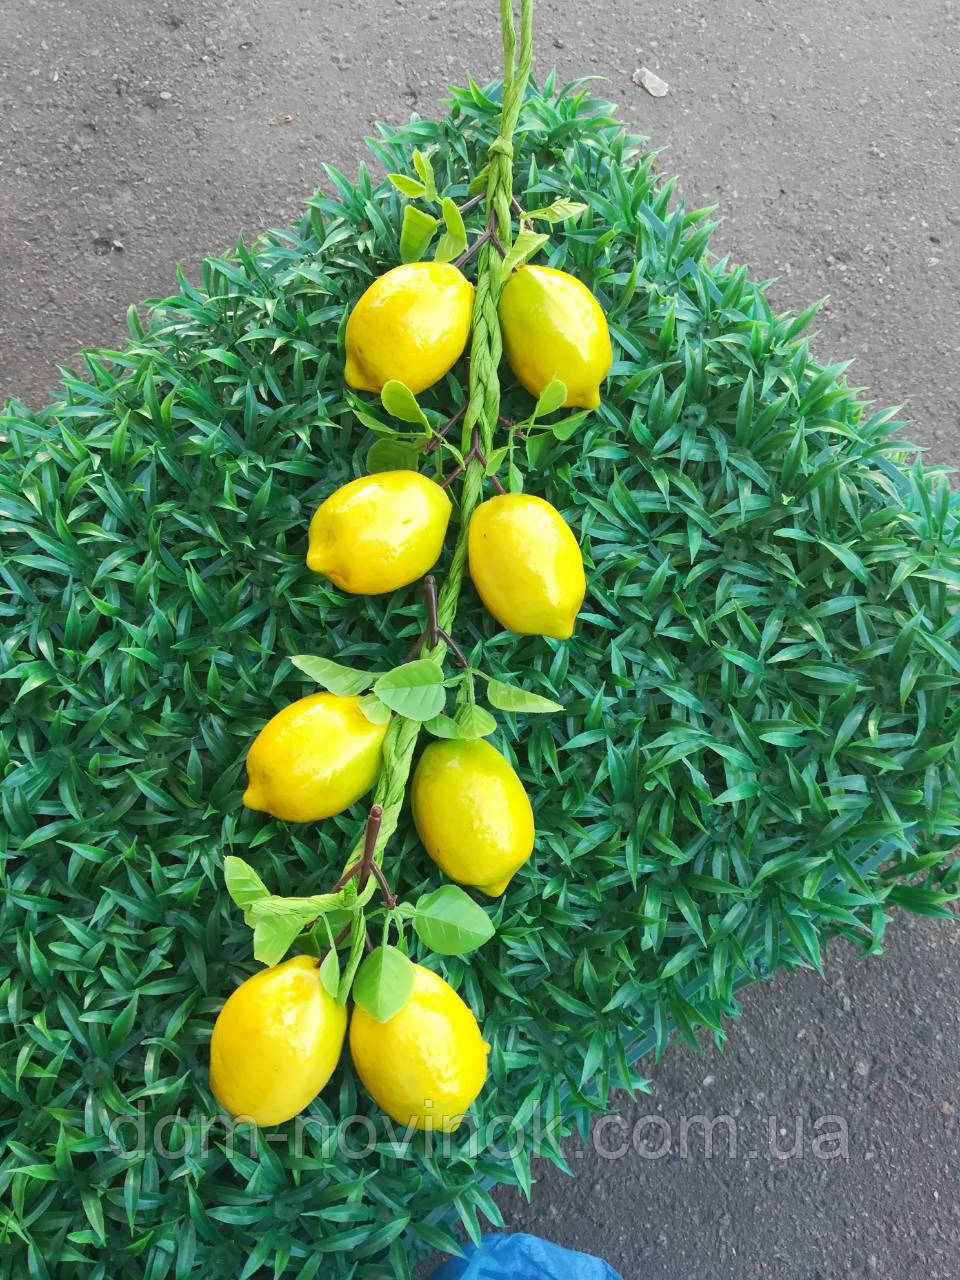 Лимон*6 шт. ветка искуственная